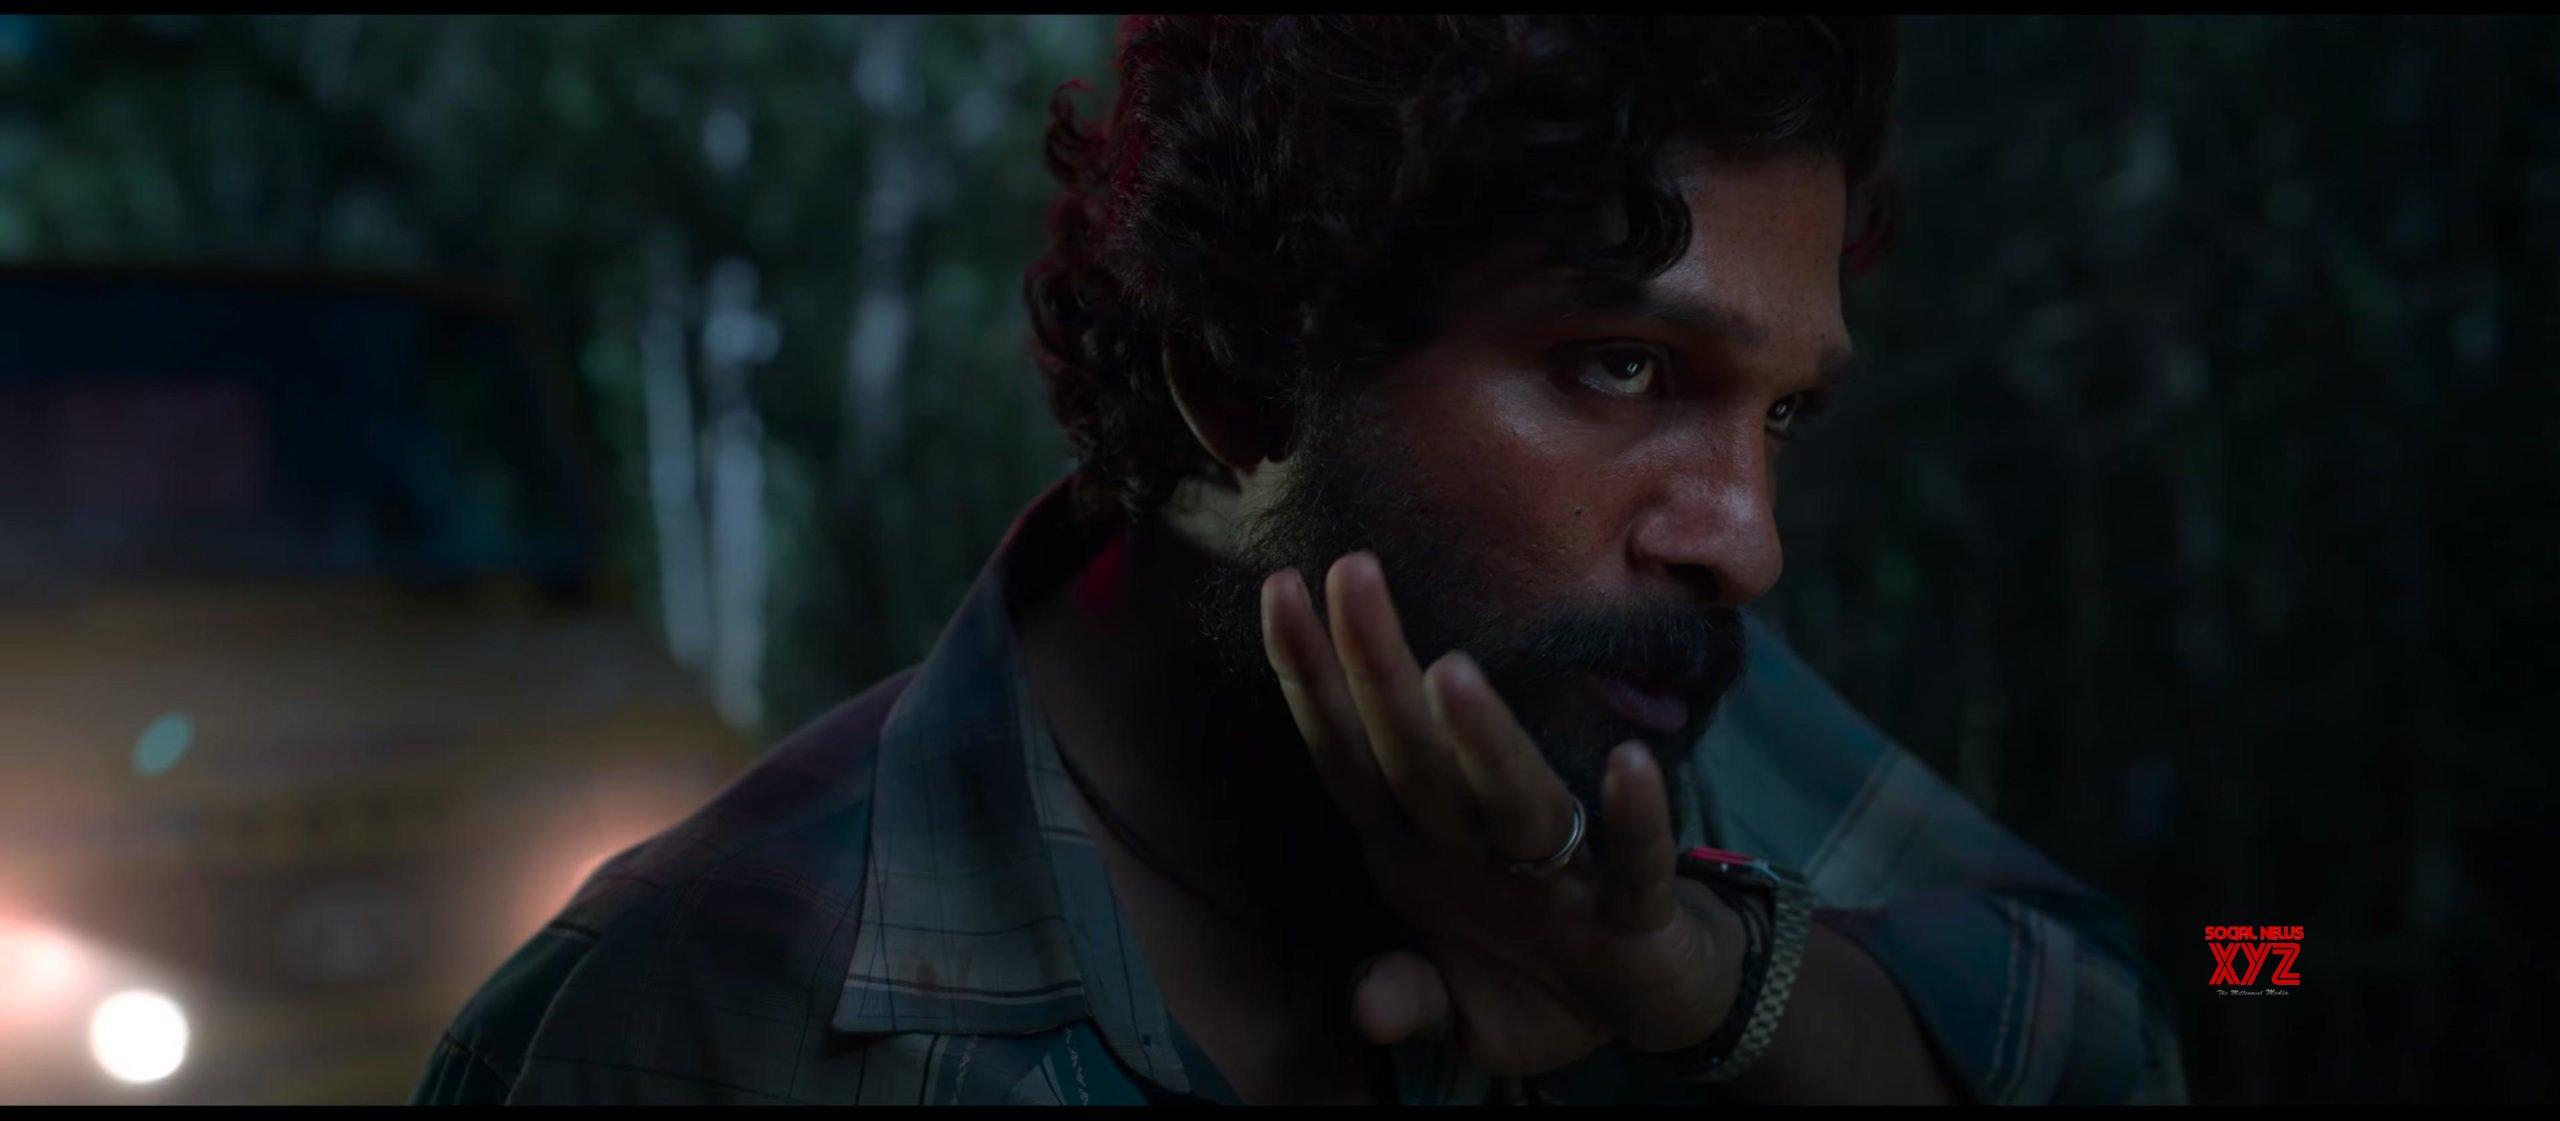 Introducing Allu Arjun As Pushpa Raj From Pushpa Movie - Gallery